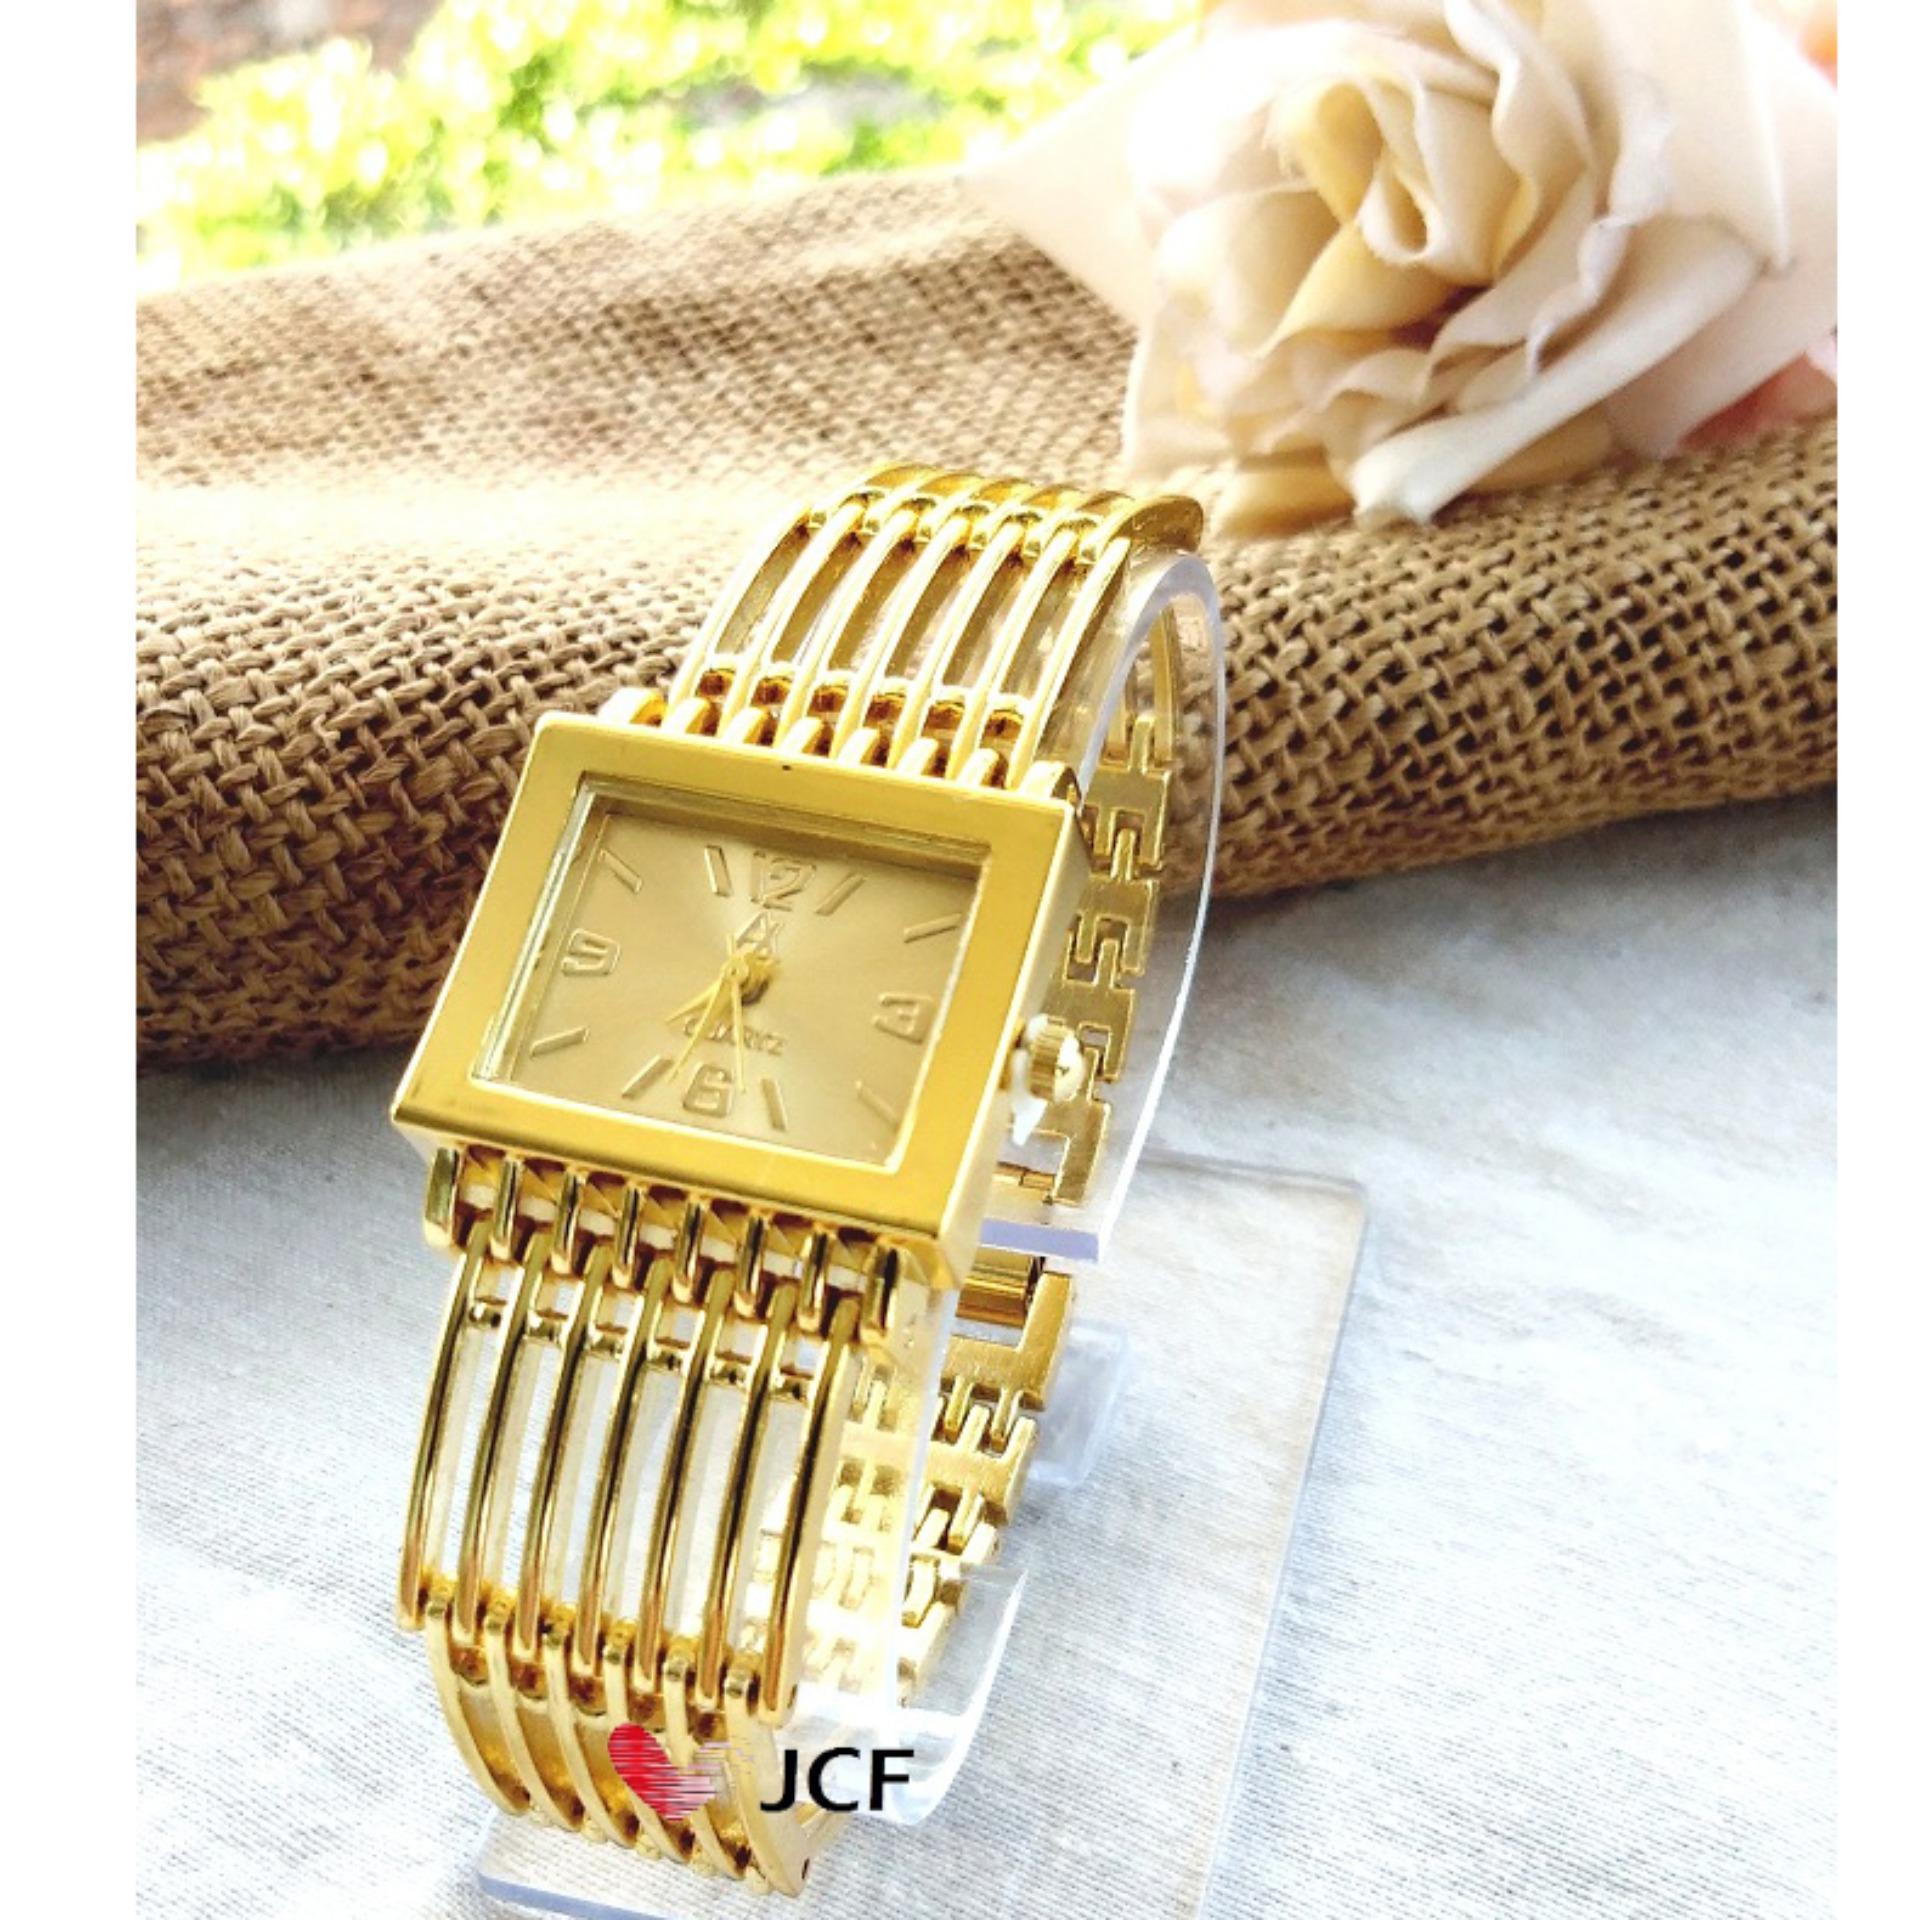 JCF Jam Tangan Emas Analog Fashion Wanita Cantik Mewah - 618 Kotak Gold